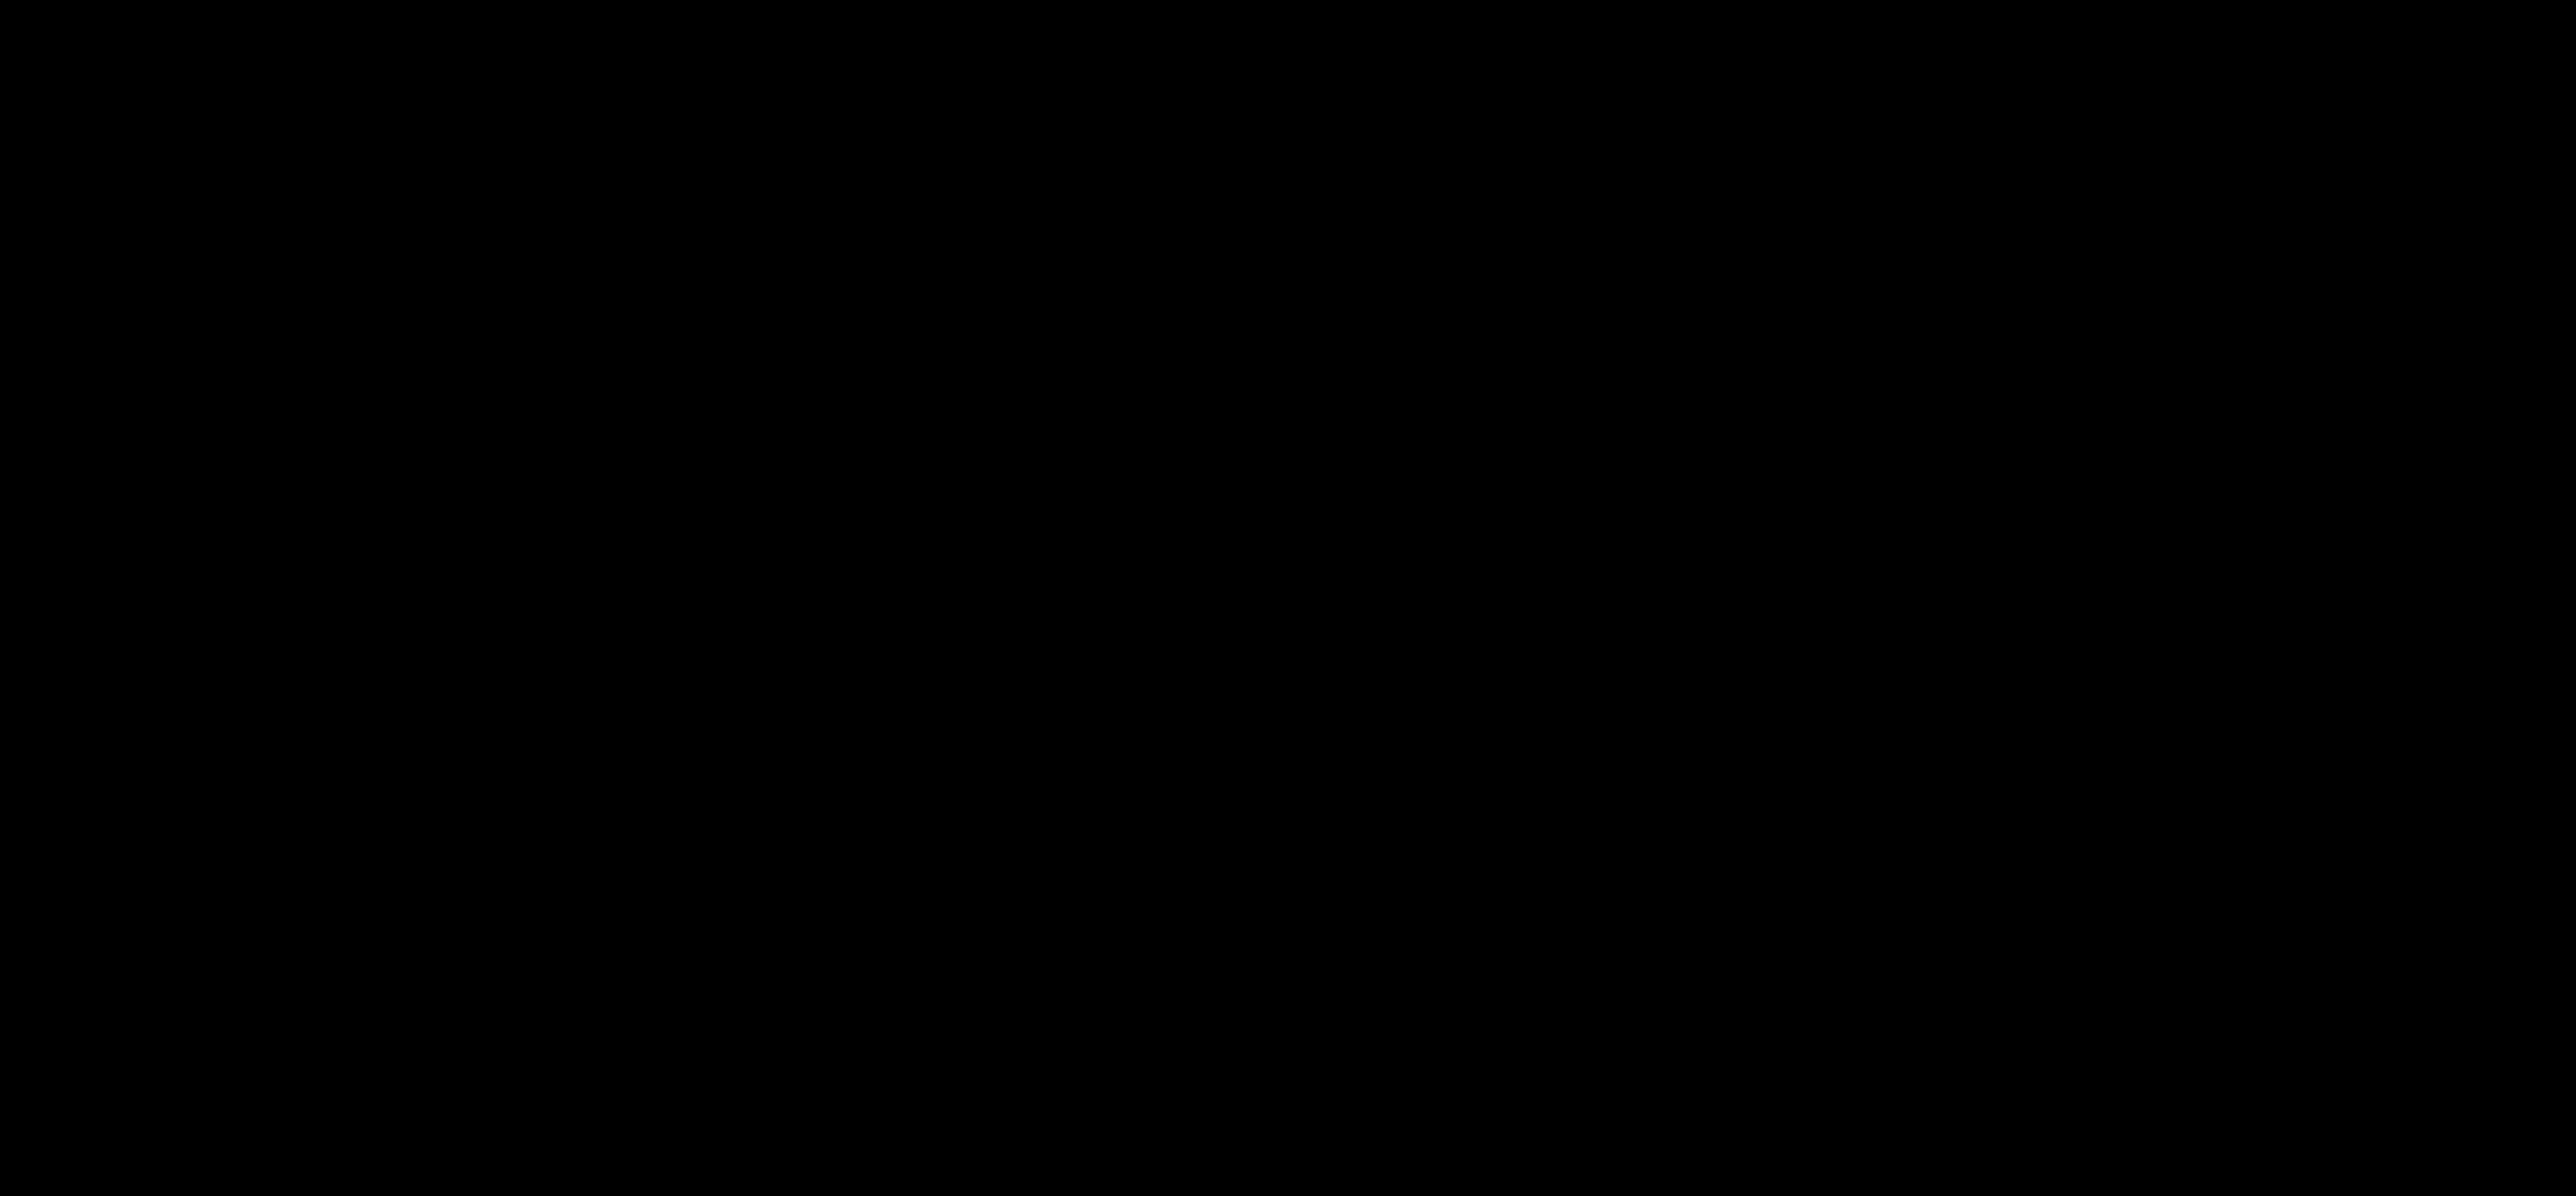 World class copy